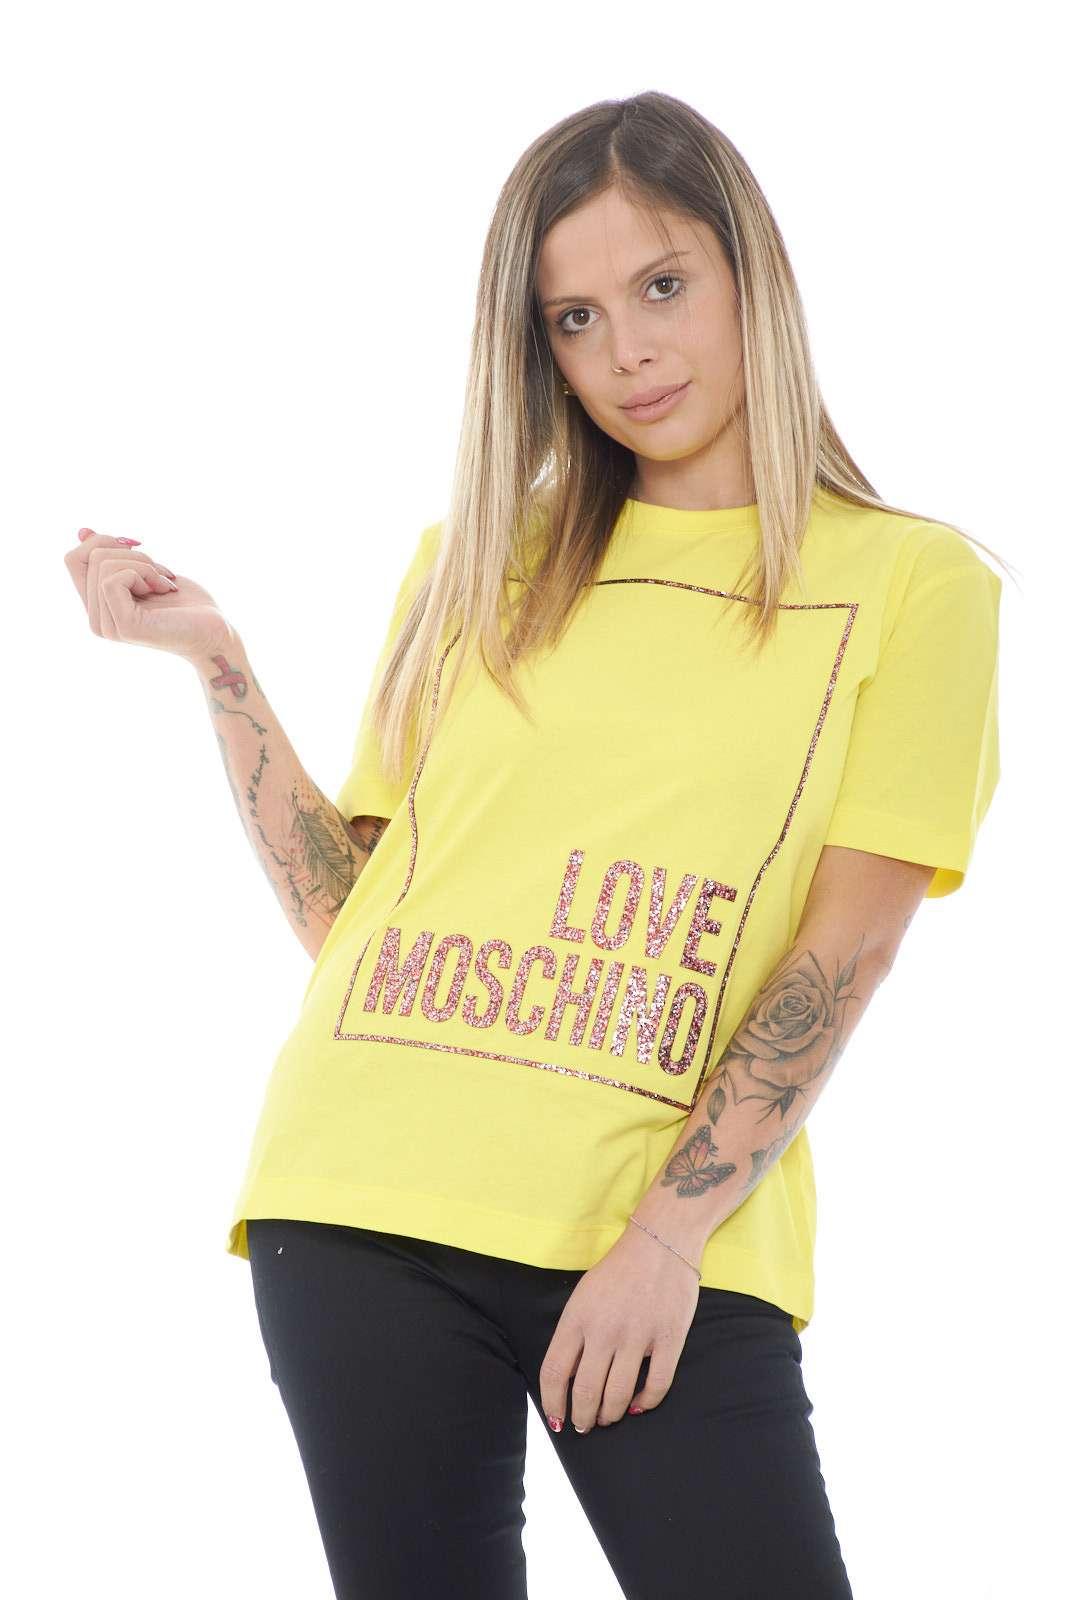 Una maglietta a maniche corte perfetta per la stgione estiva quella firmata dalla new collection Love Moschino. La vestibilità leggermente over la rende adatta sia per look casual che più formali. La stampa glitterata la personalizza e la rende un must have.